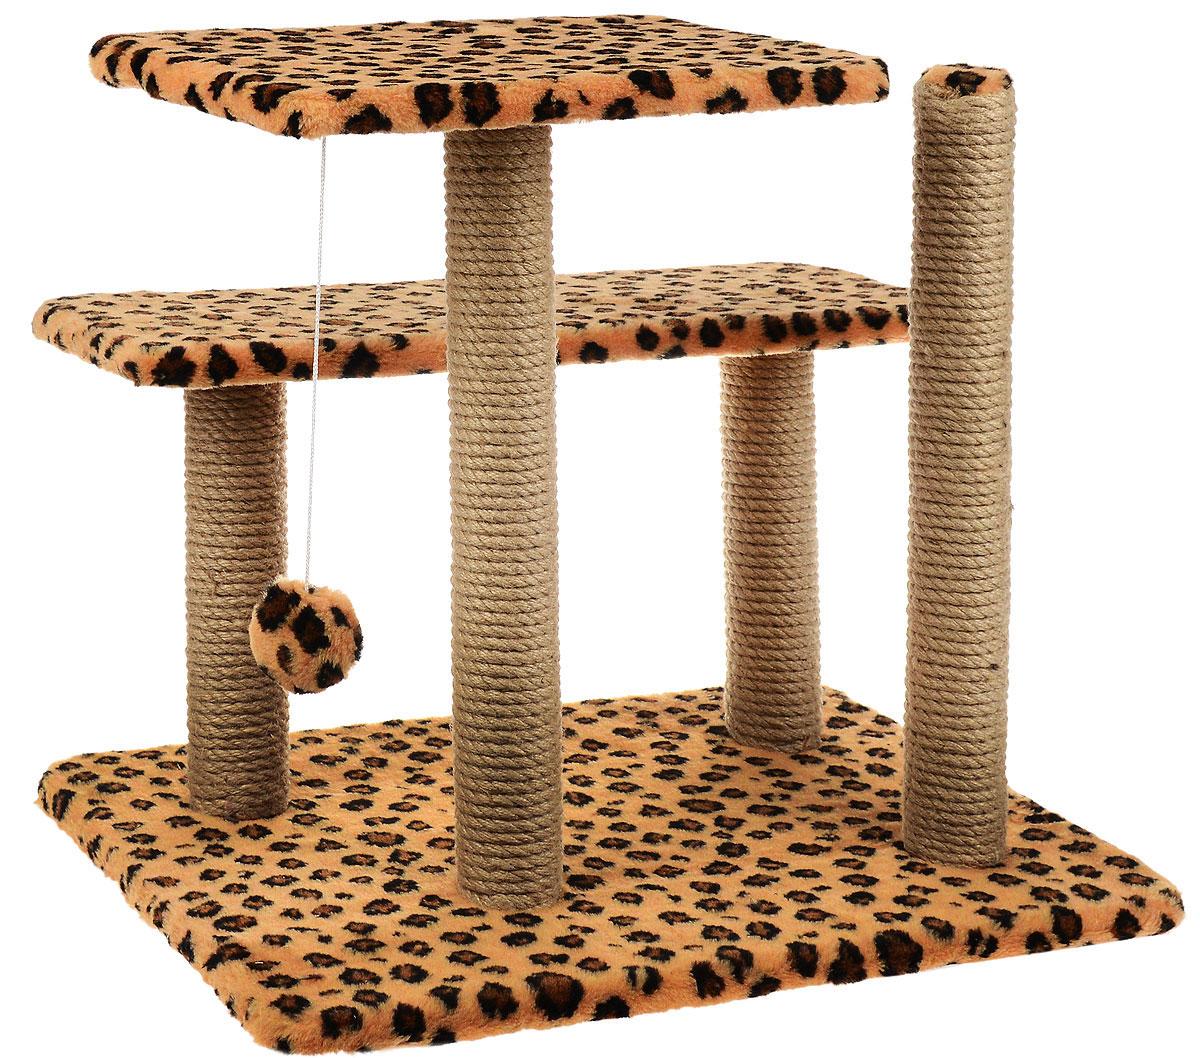 Игровой комплекс для кошек Меридиан, с игрушкой и когтеточками, цвет: коричневый, черный, бежевый, 61 х 41 х 53 смК611 ЛеИгровой комплекс поможет сохранить мебель и ковры в доме от когтей вашего любимца, стремящегося удовлетворить свою естественную потребность точить когти. Изделие изготовлено из ДСП, искусственного меха и джута. Товар продуман в мельчайших деталях и, несомненно, понравится вашей кошке. Имеется 2 полки и игрушка, которая привлечет внимание питомца. Общий размер: 61 х 41 х 53 см. Размер полок: 41 х 26 см, 61 х 21 см. Высота полок: 53 см, 33 см.